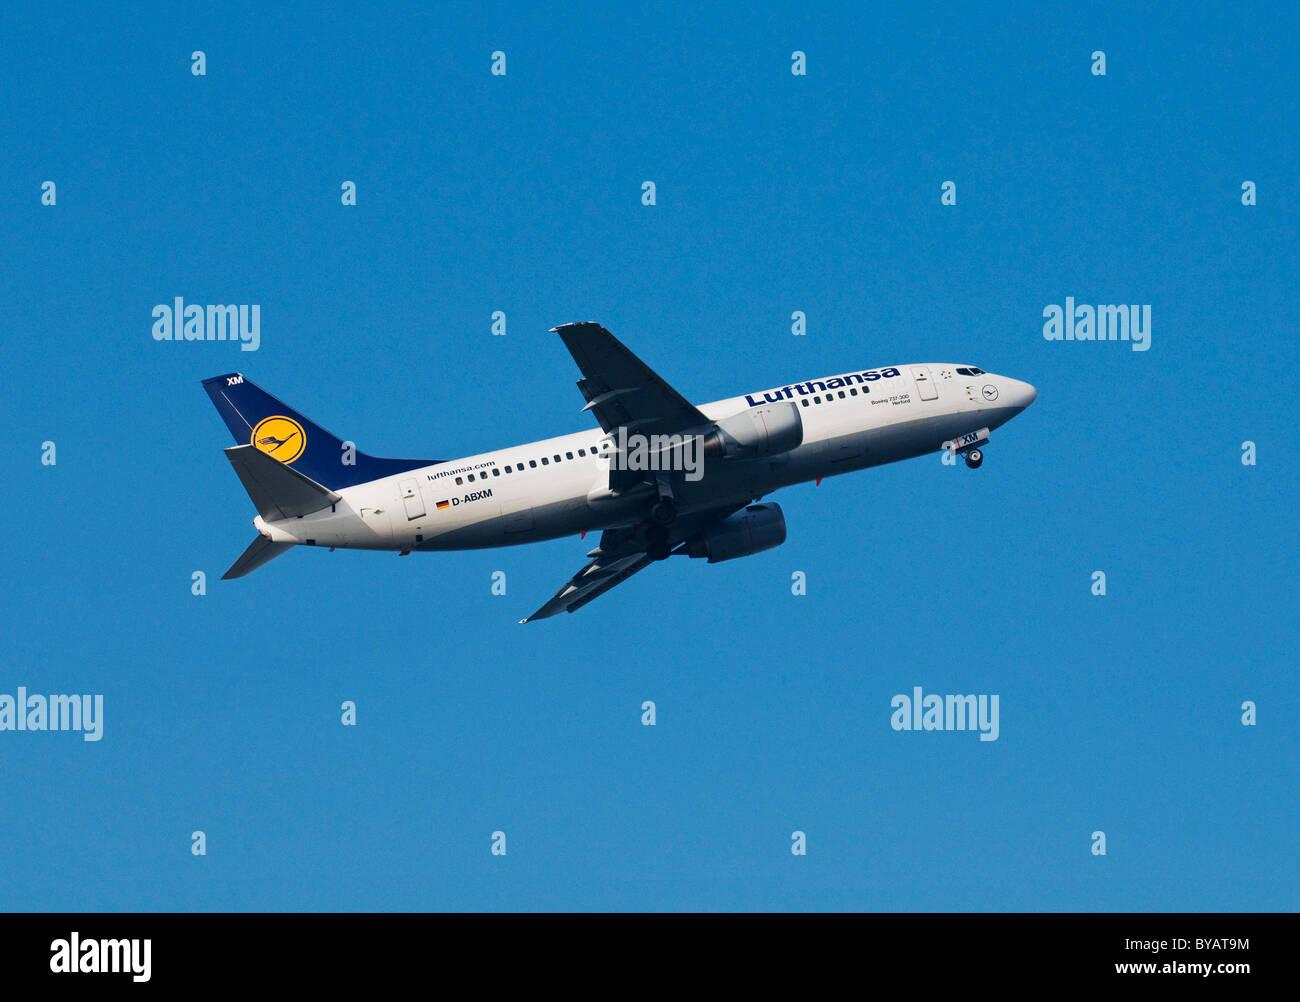 Los aviones de la aerolínea Lufthansa, Boeing 737-300, el avión denominado Herford, escalada Foto de stock